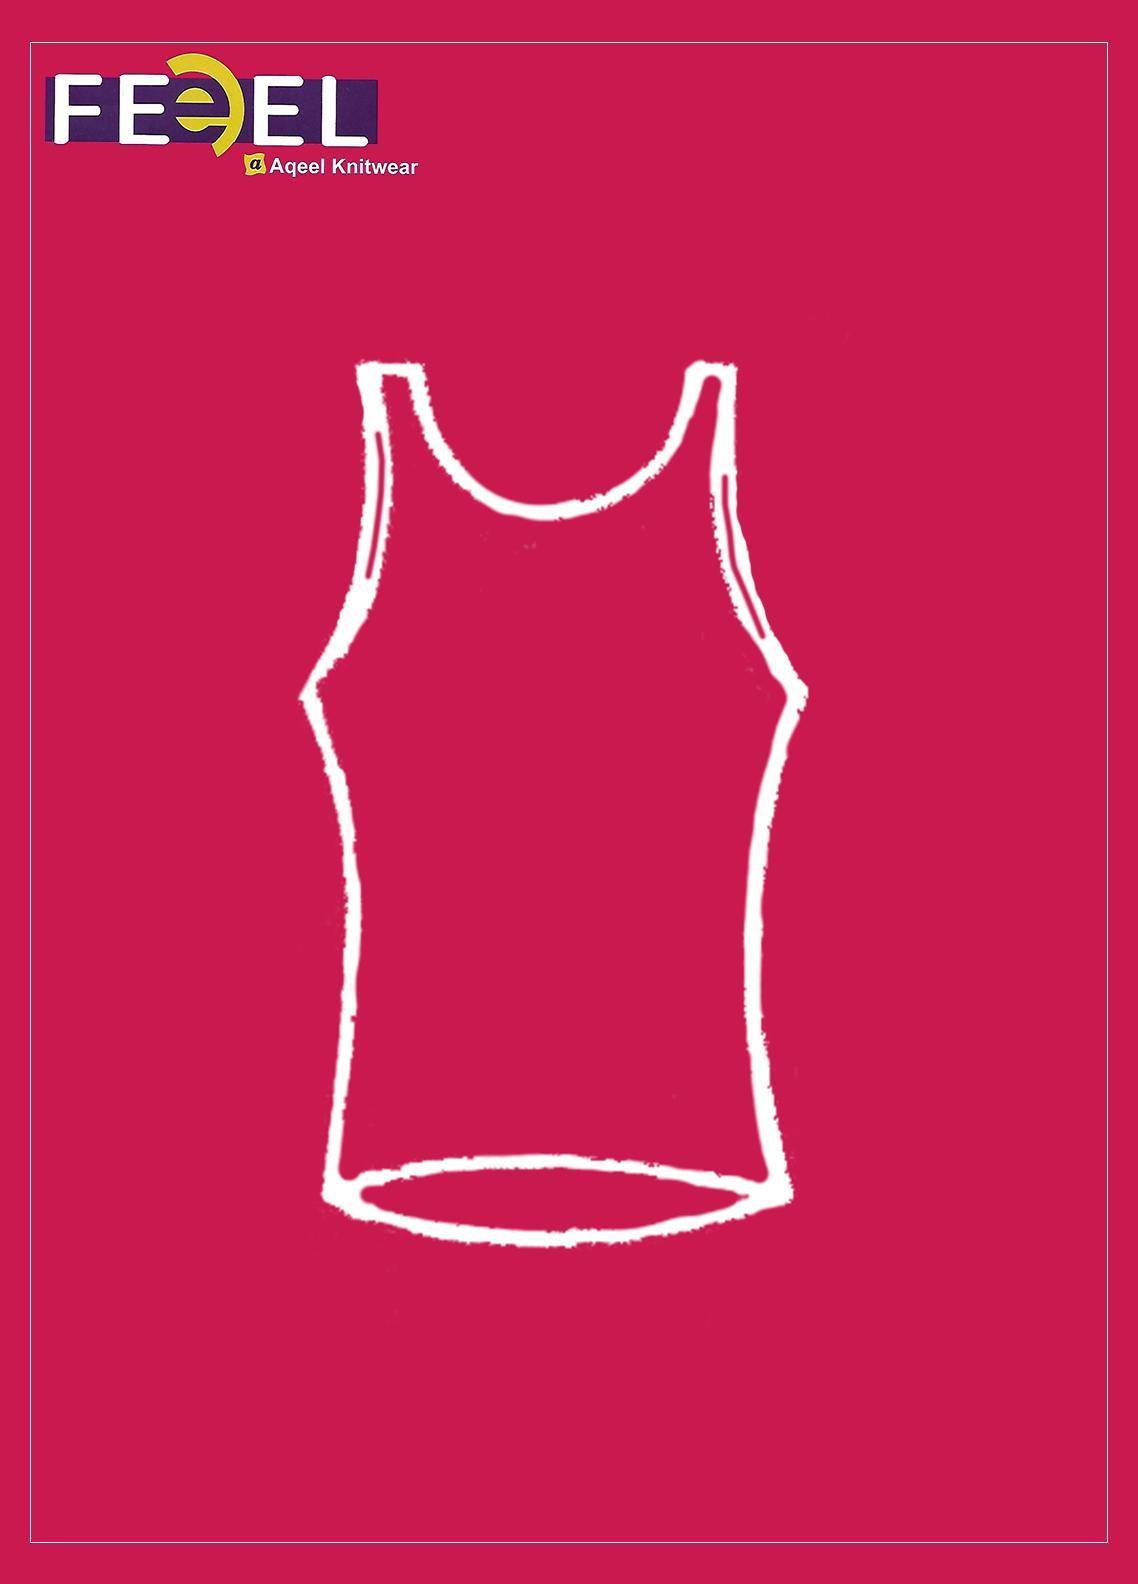 Feel Inner Wear Jersey Body Warmer Sando 1 Fawn Color